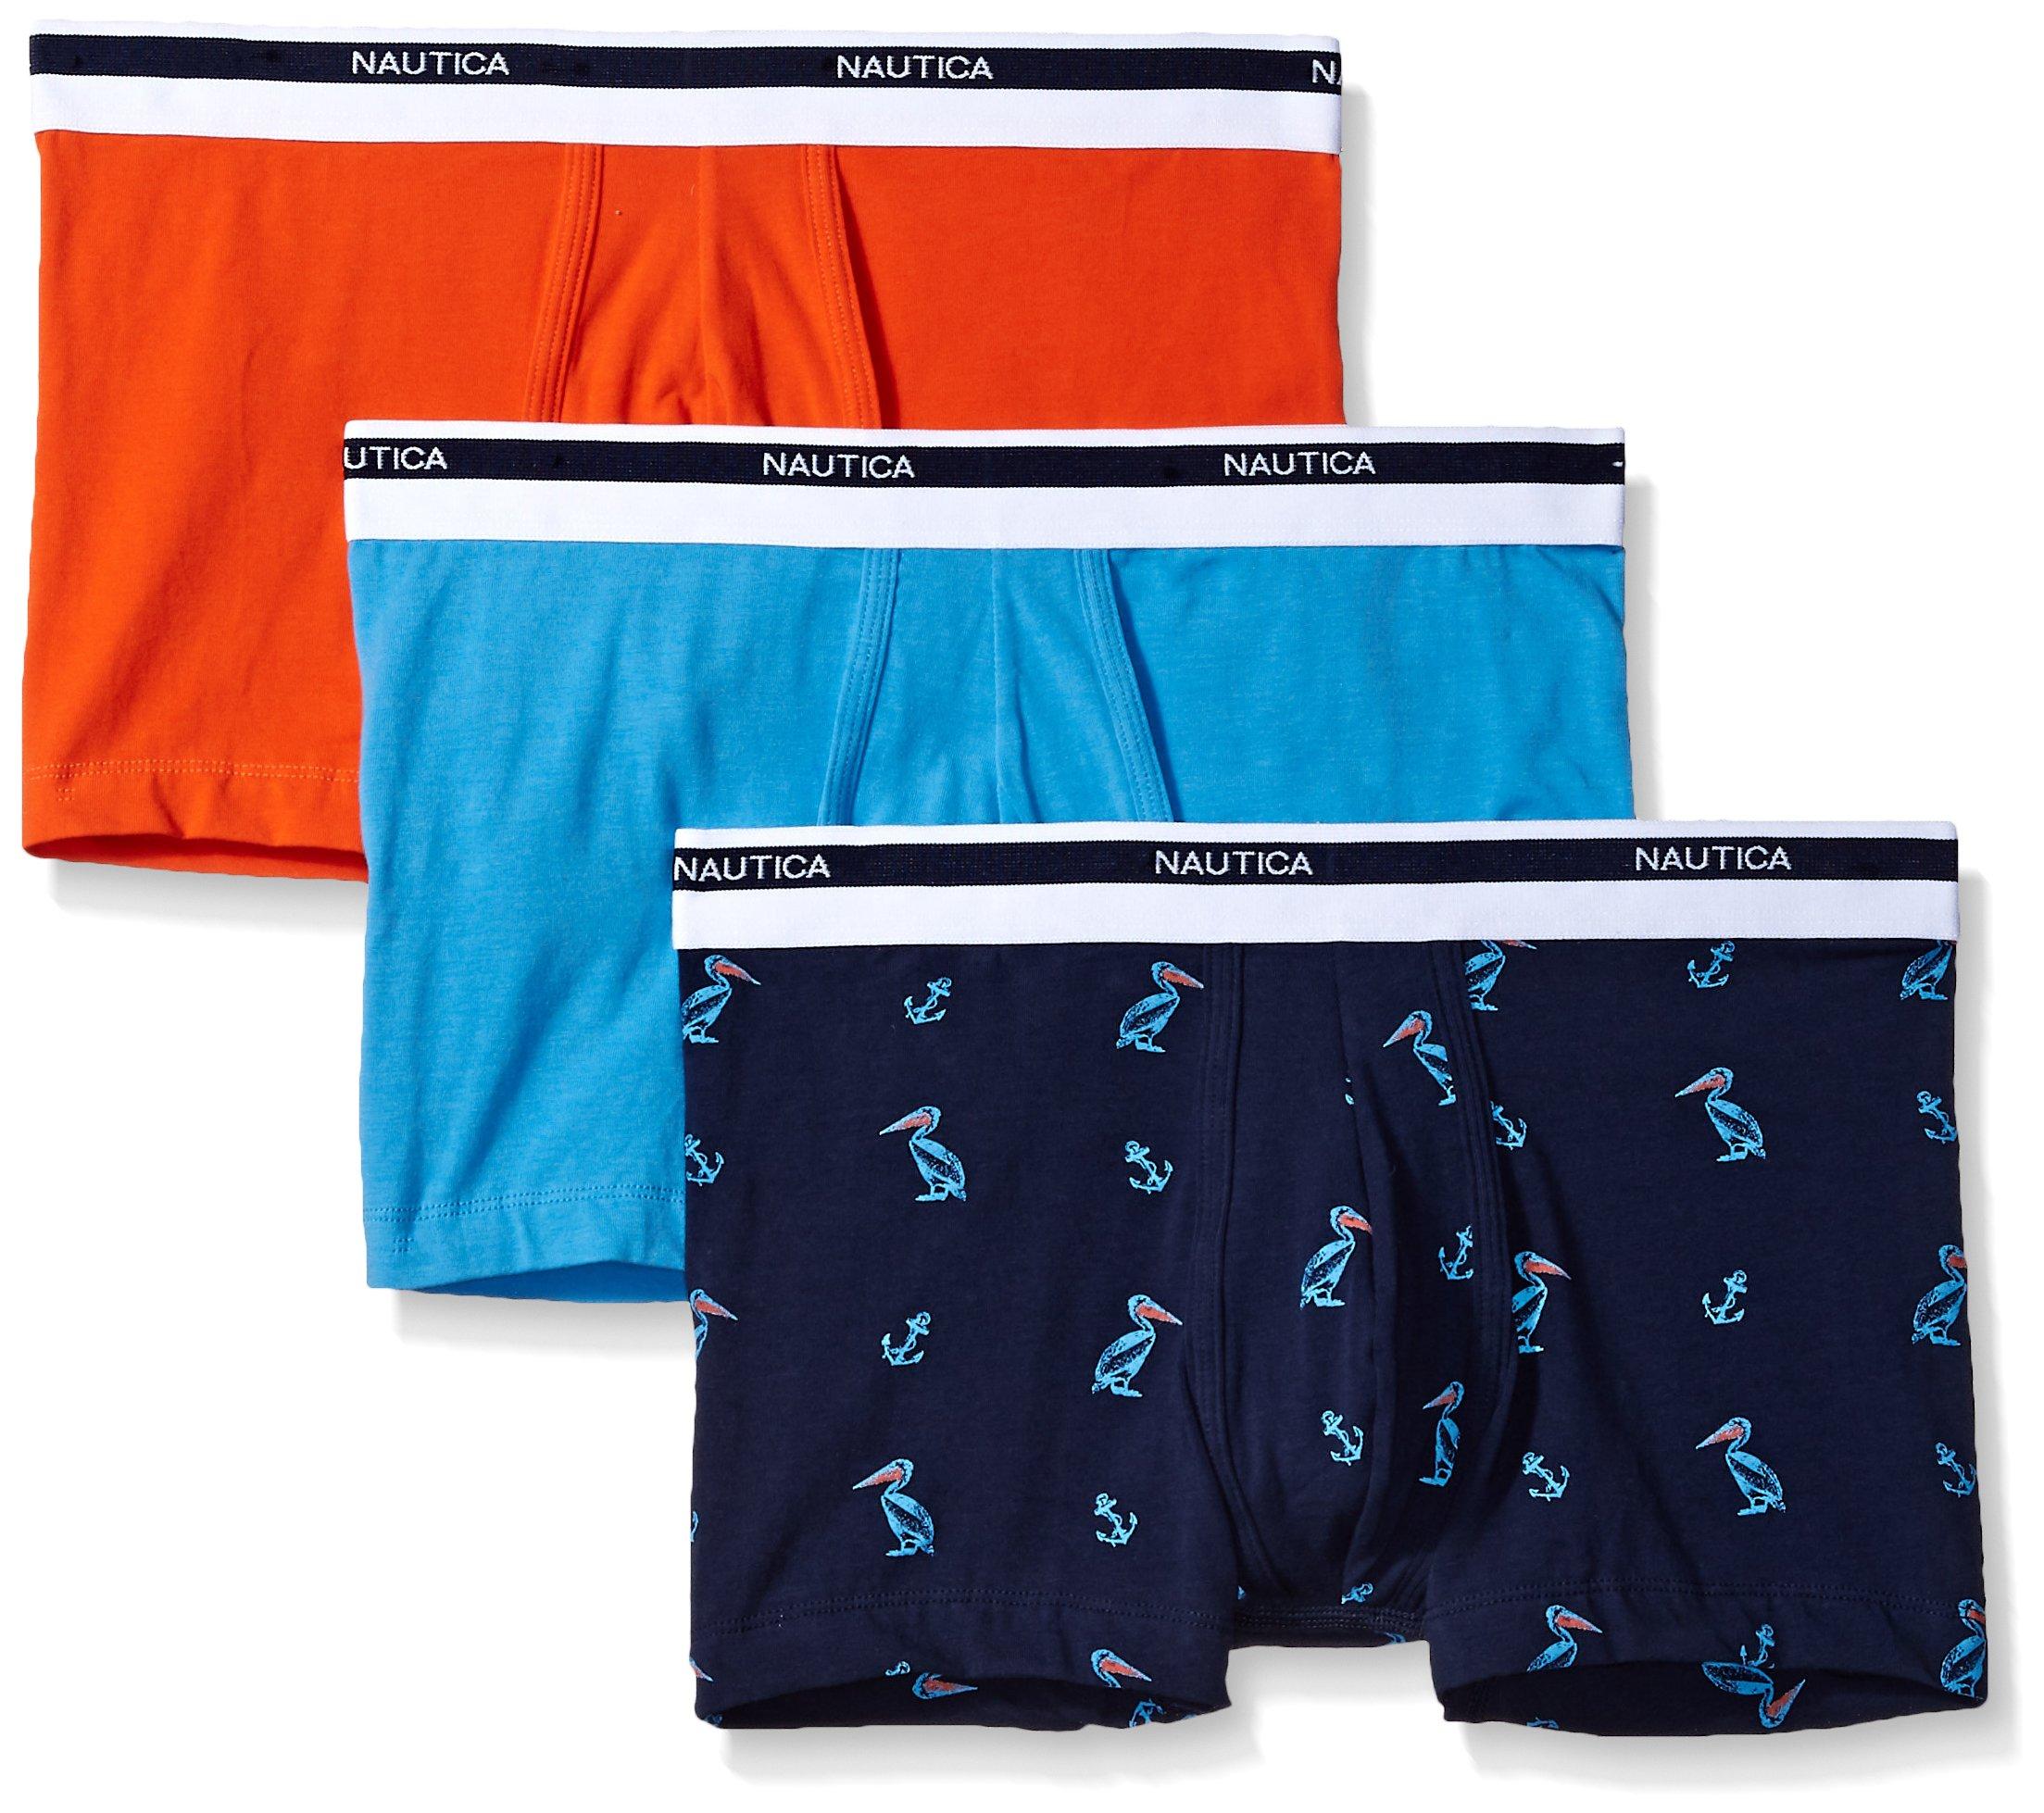 Nautica Men's Classic Underwear Cotton Stretch Trunk, Spicy Orange/Aero Blue/Crane Peacoat, M